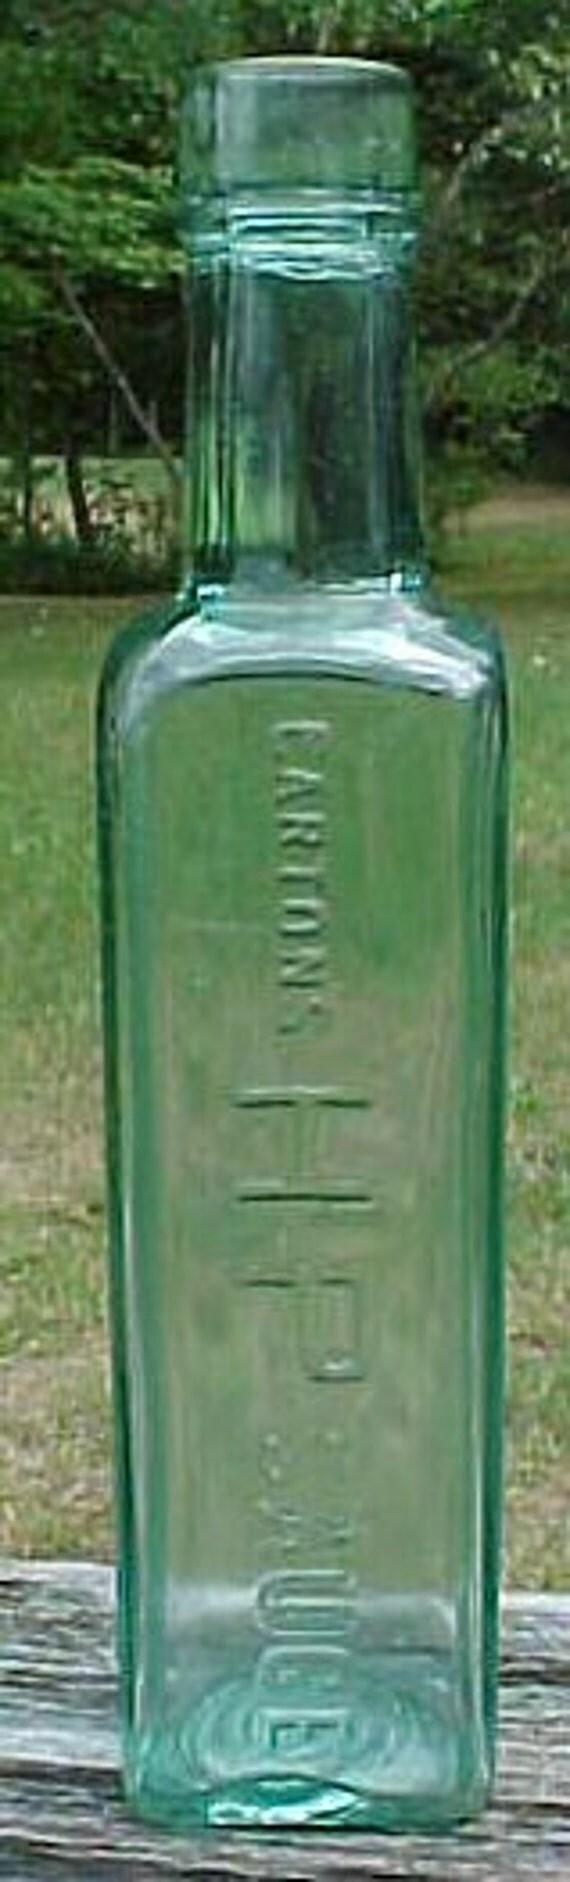 c1920s Cartons HP Sauce , Aqua Glass Food Sauce bottle